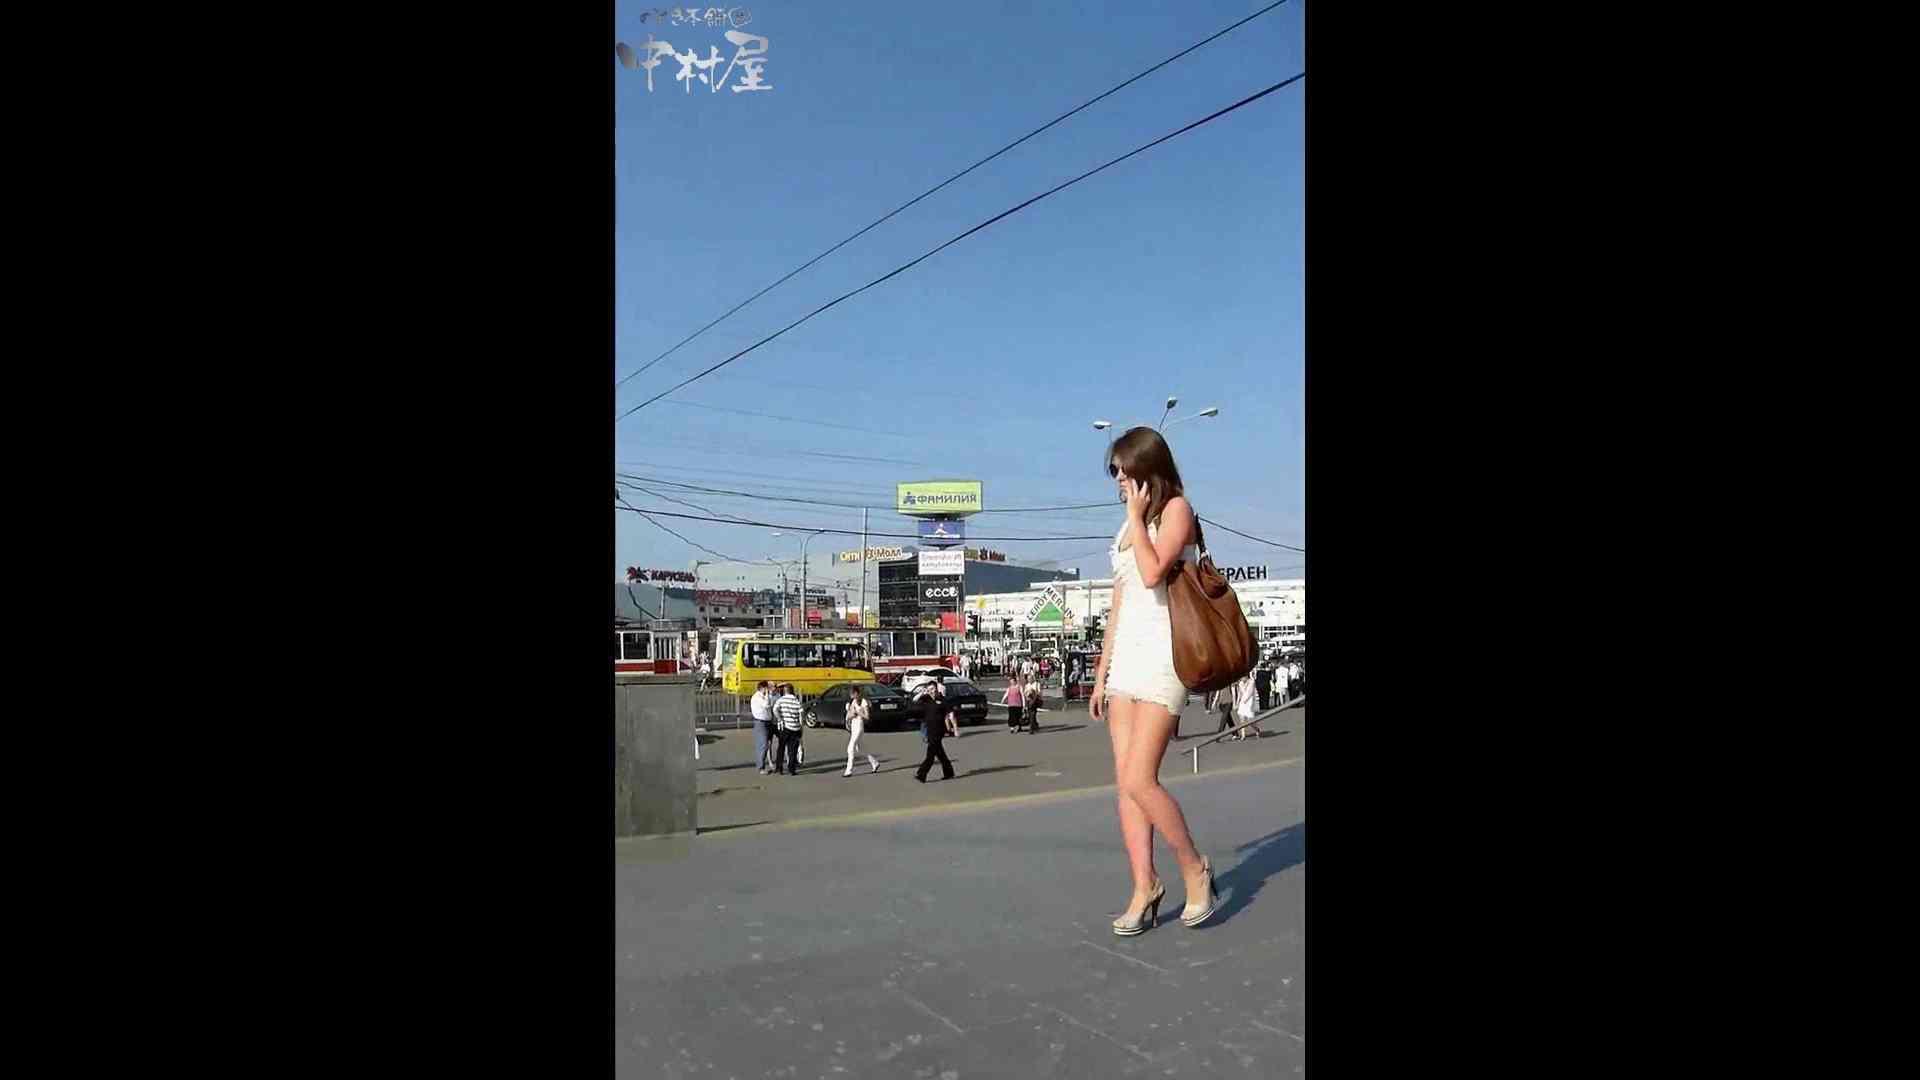 綺麗なモデルさんのスカート捲っちゃおう‼ vol18 美しいOLの裸体  87pic 24